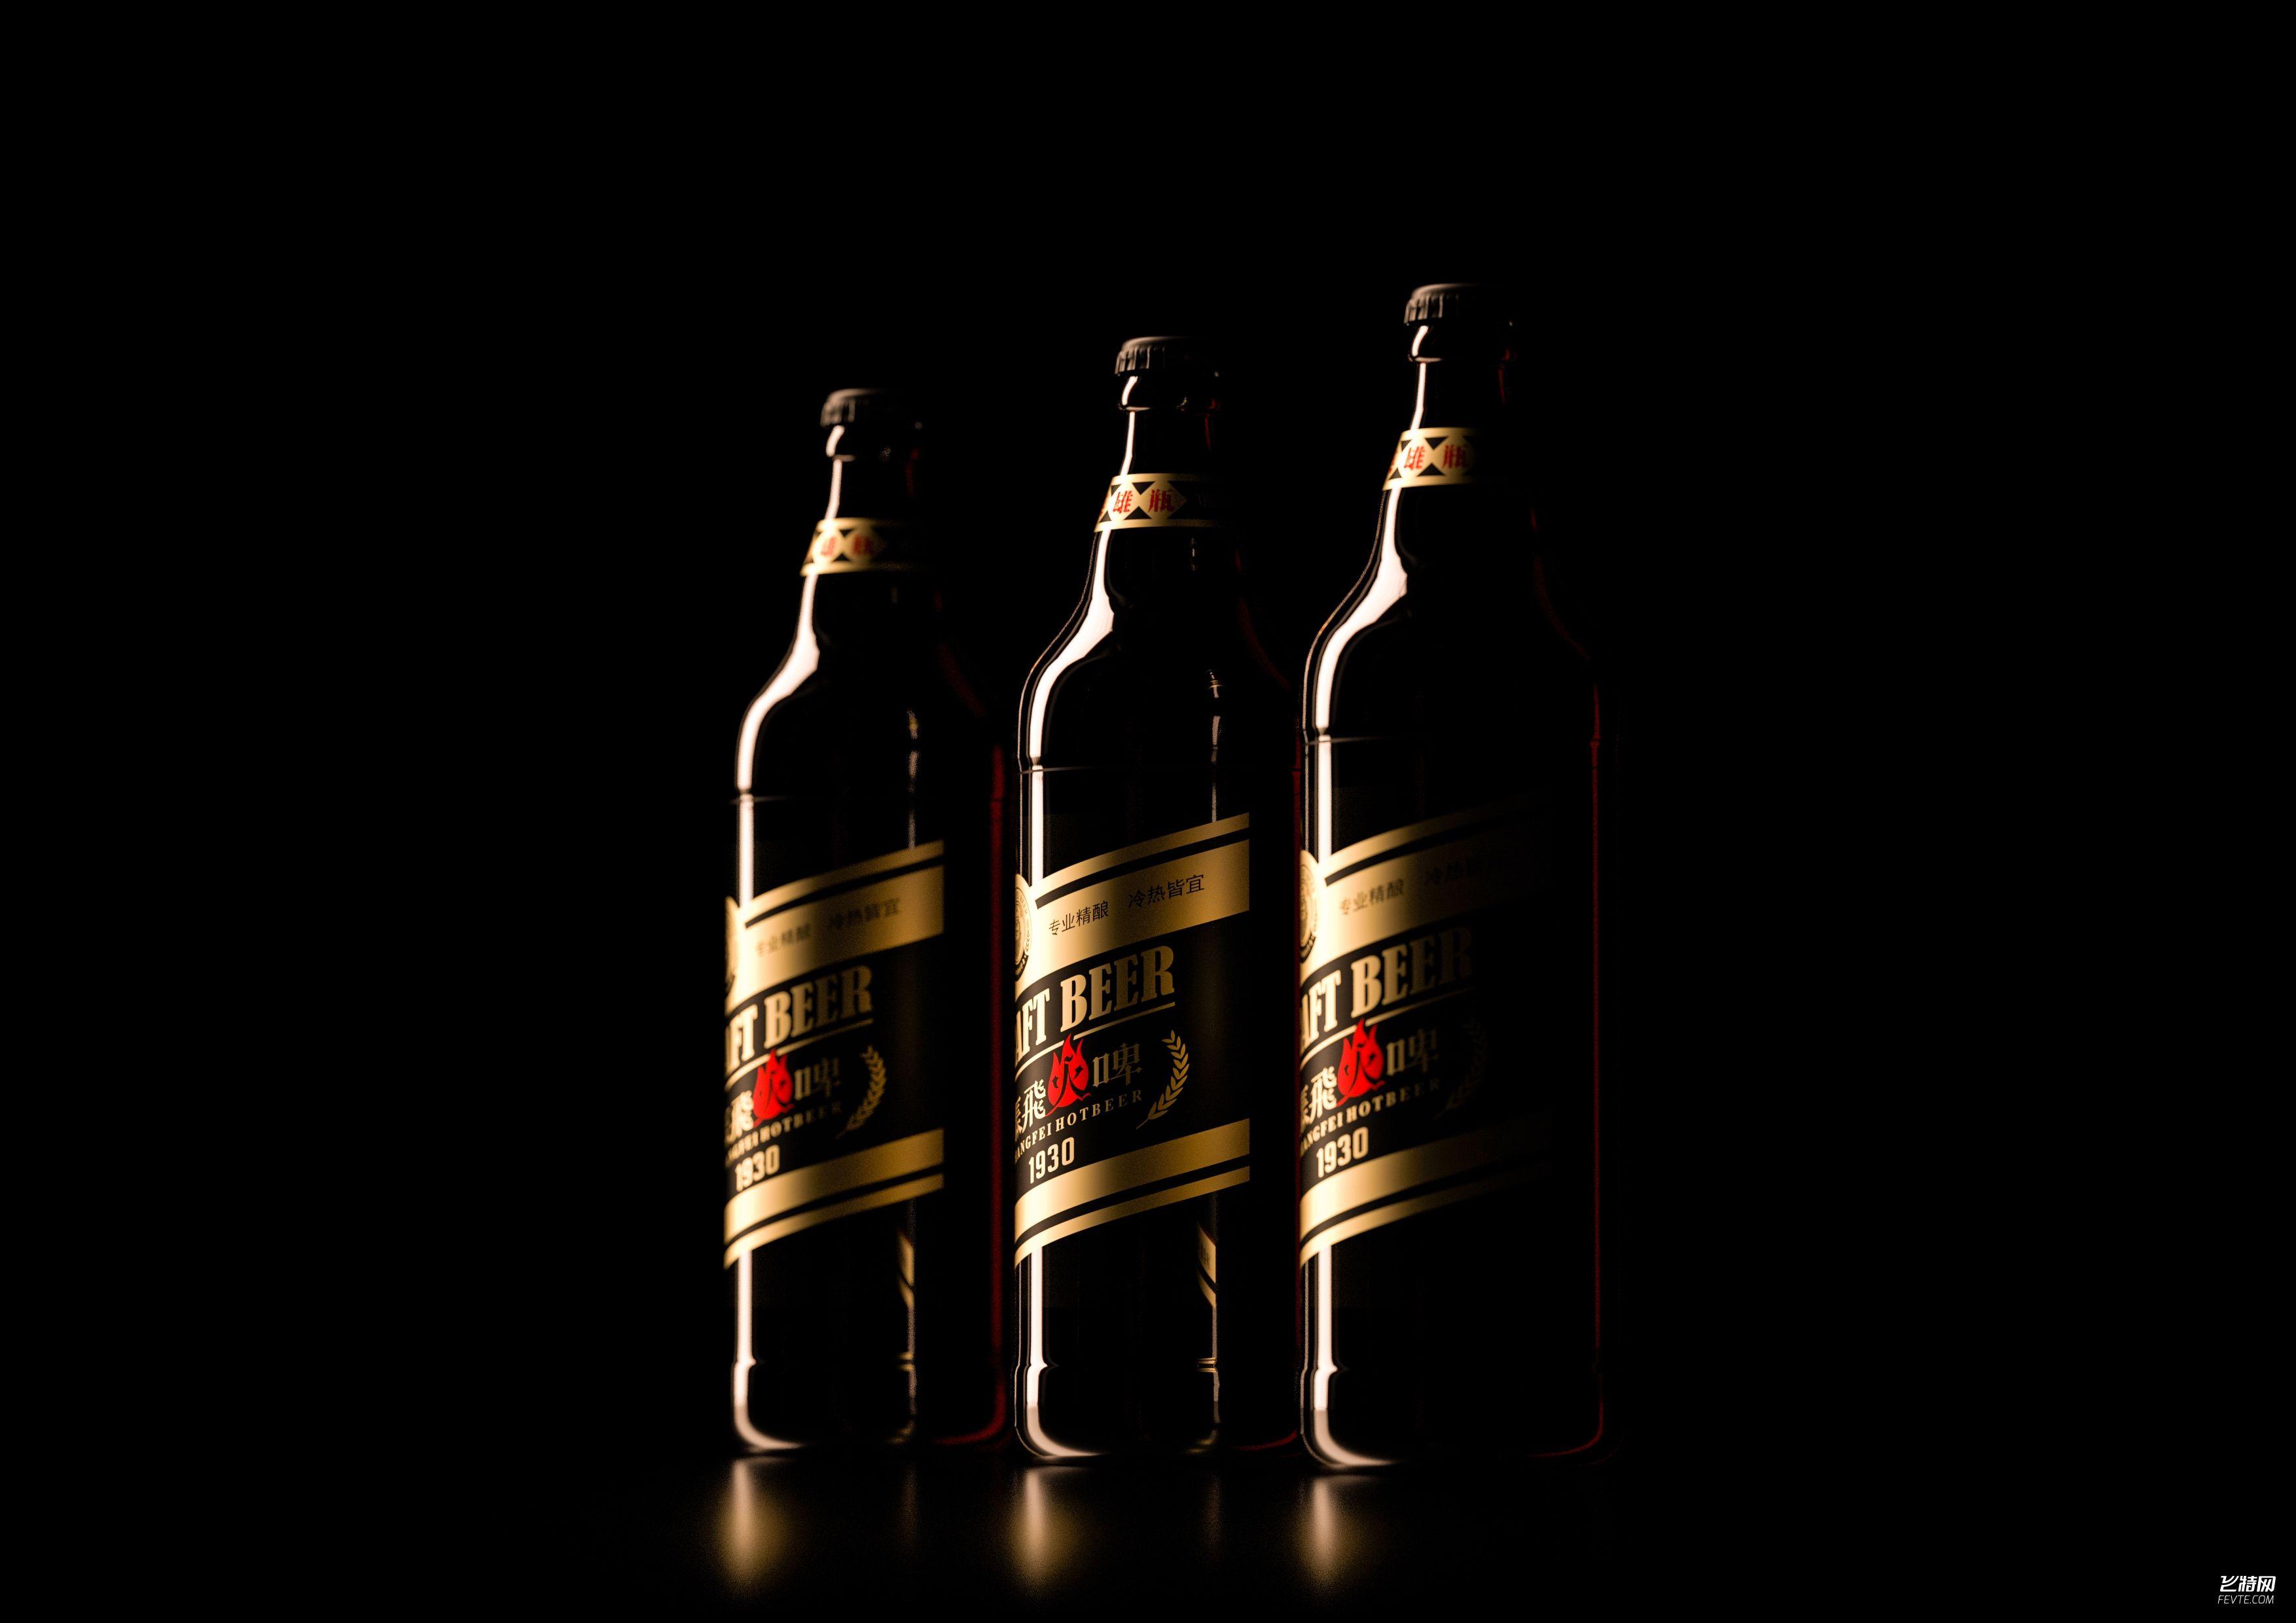 精酿啤酒包装设计 一道设计原创